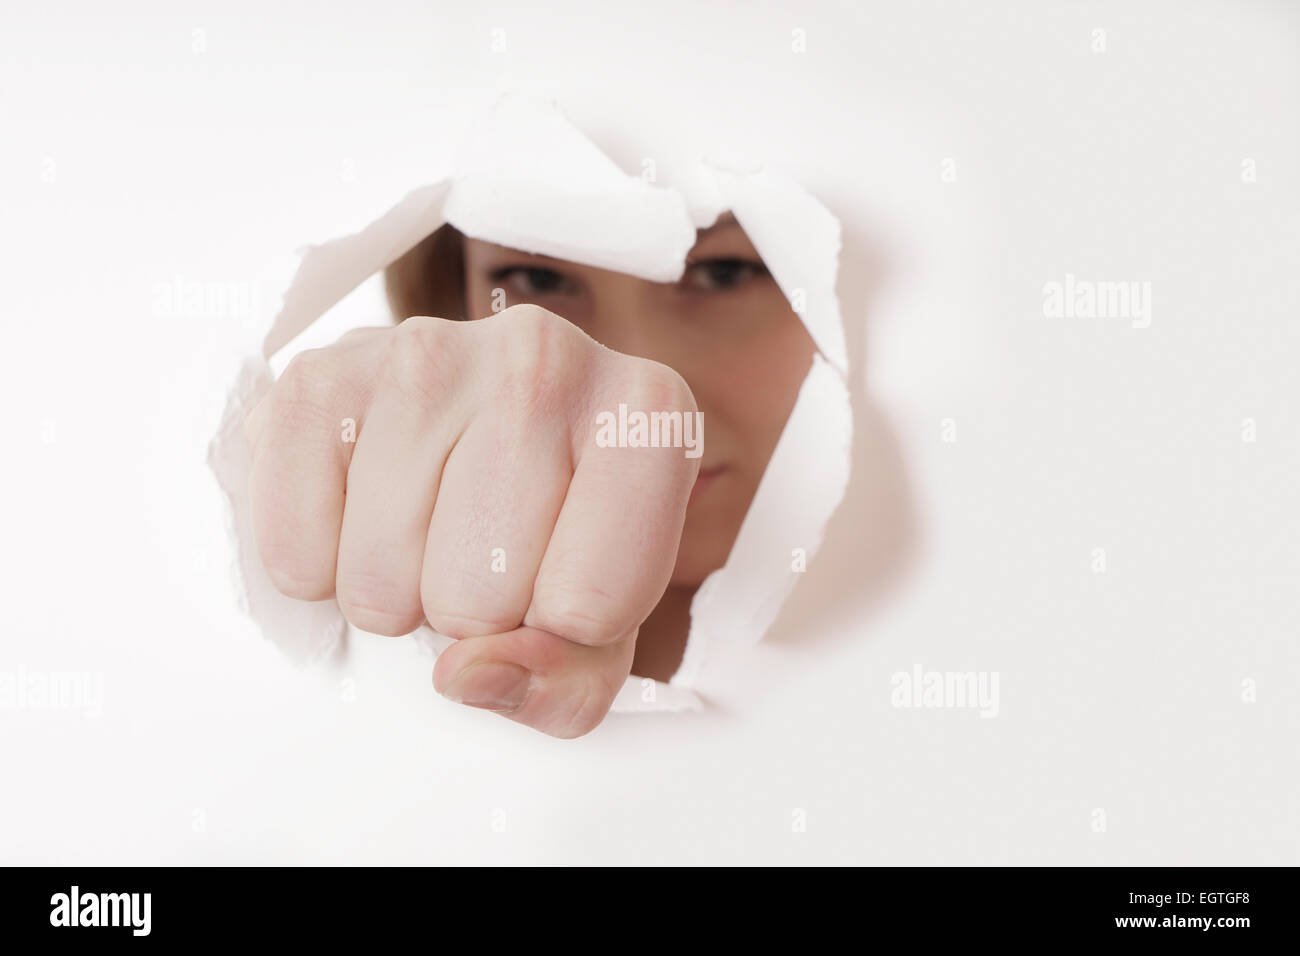 fist punching hole - Stock Image